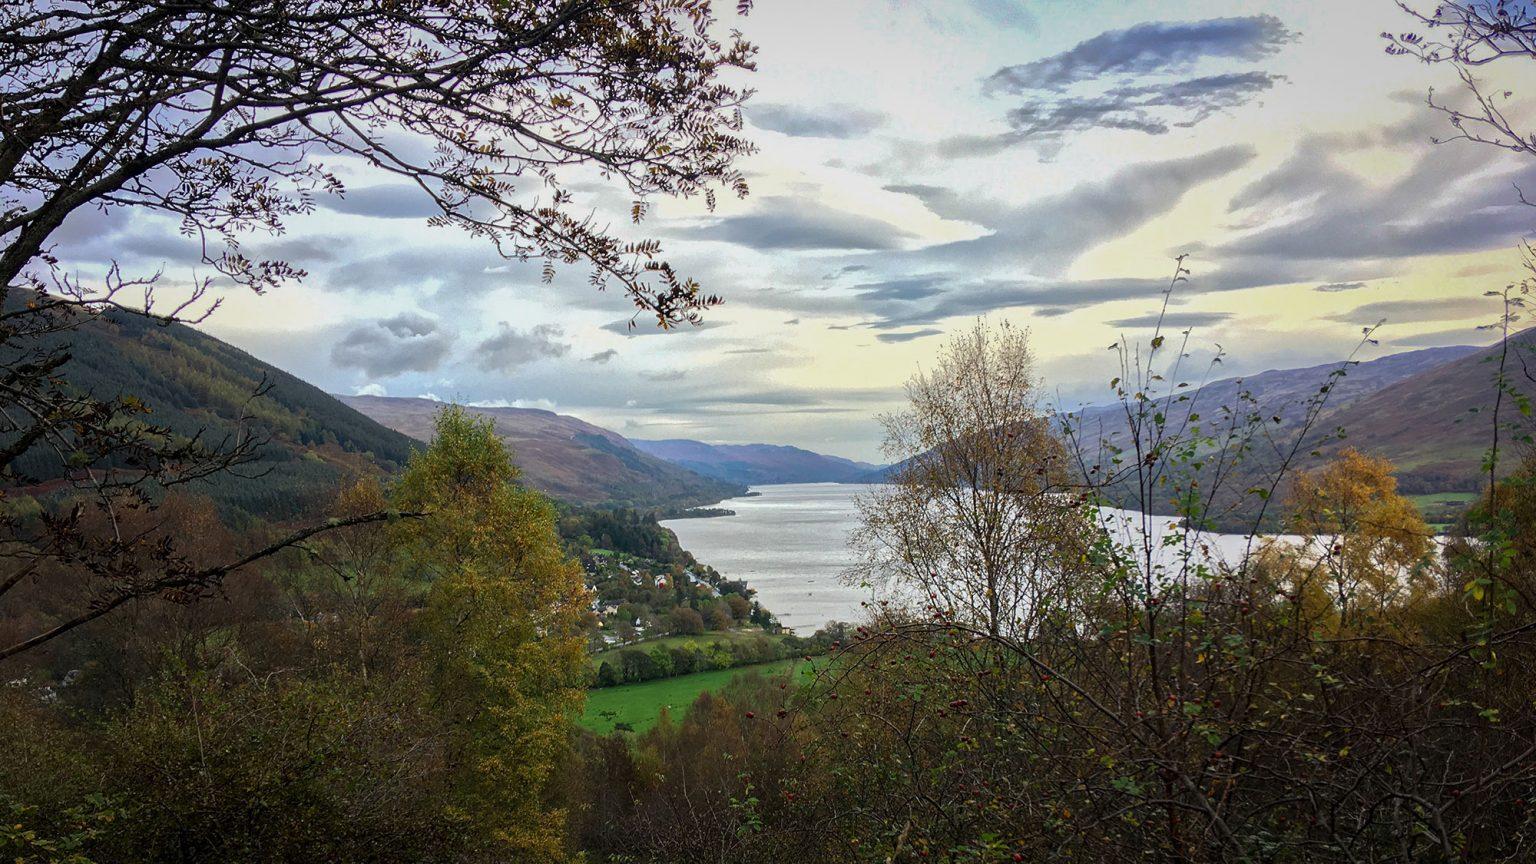 Loch Earn hinter Herbstbäumen